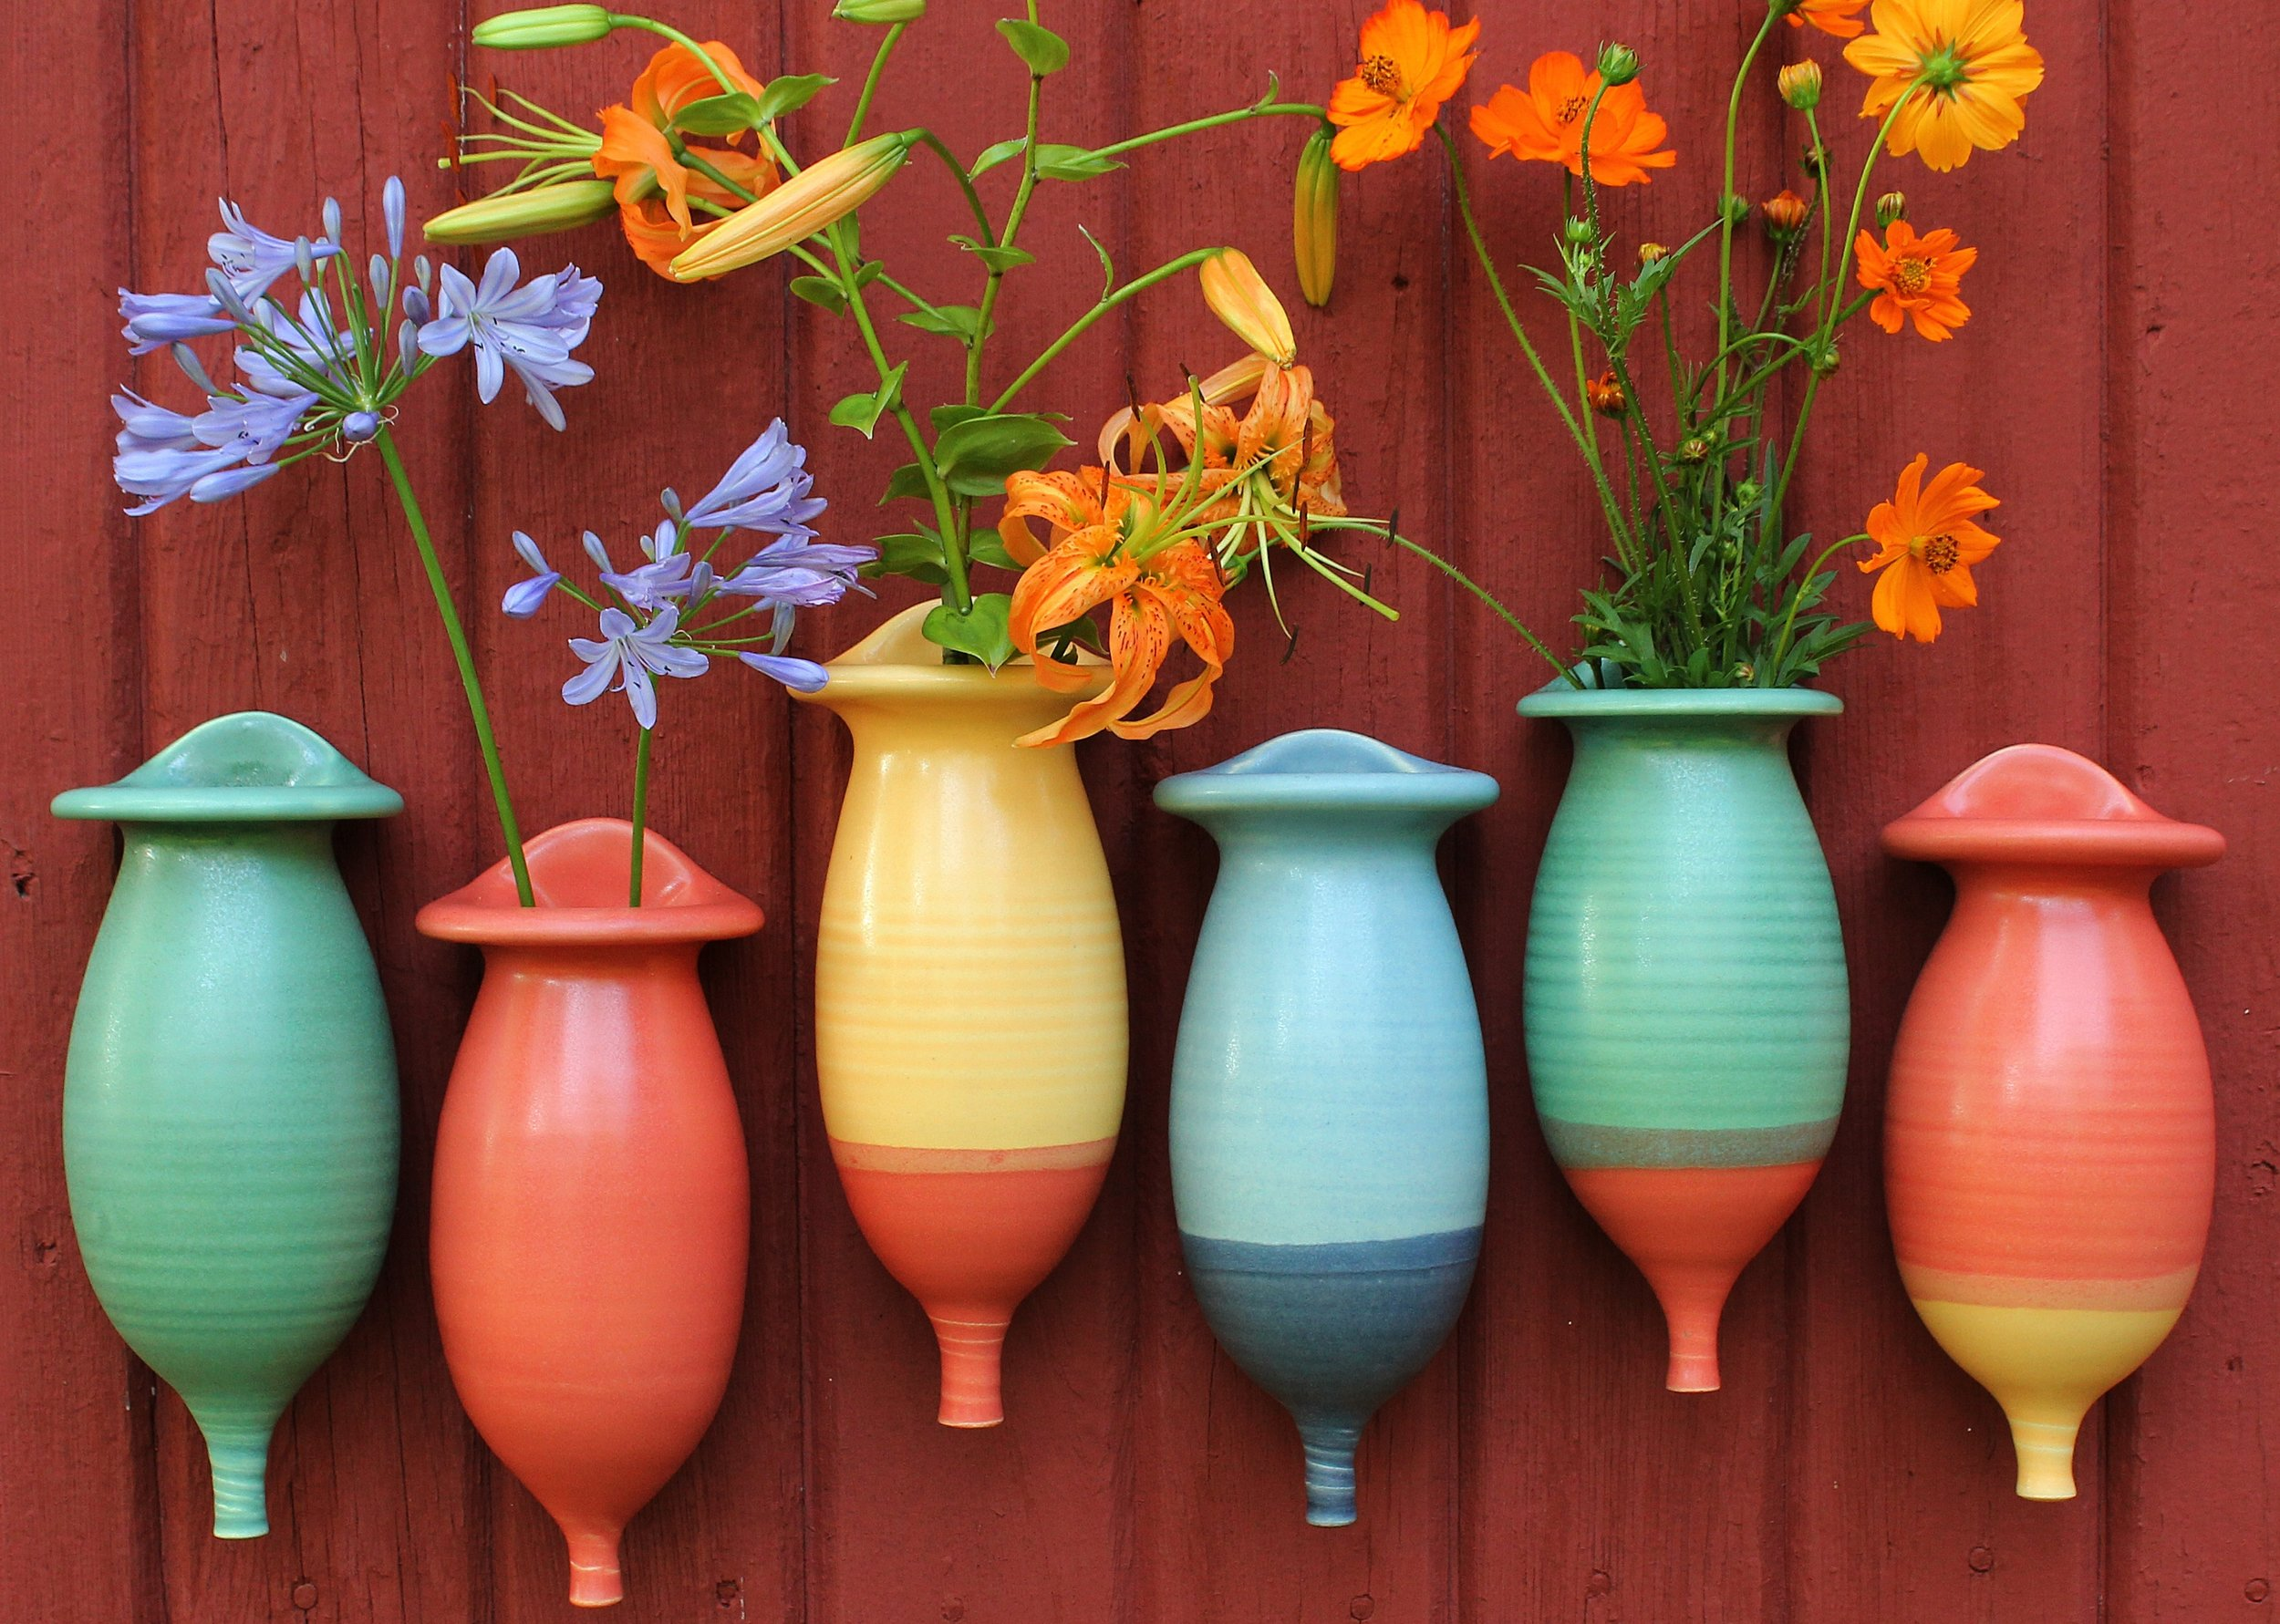 Gelsanliter wall vases.jpg